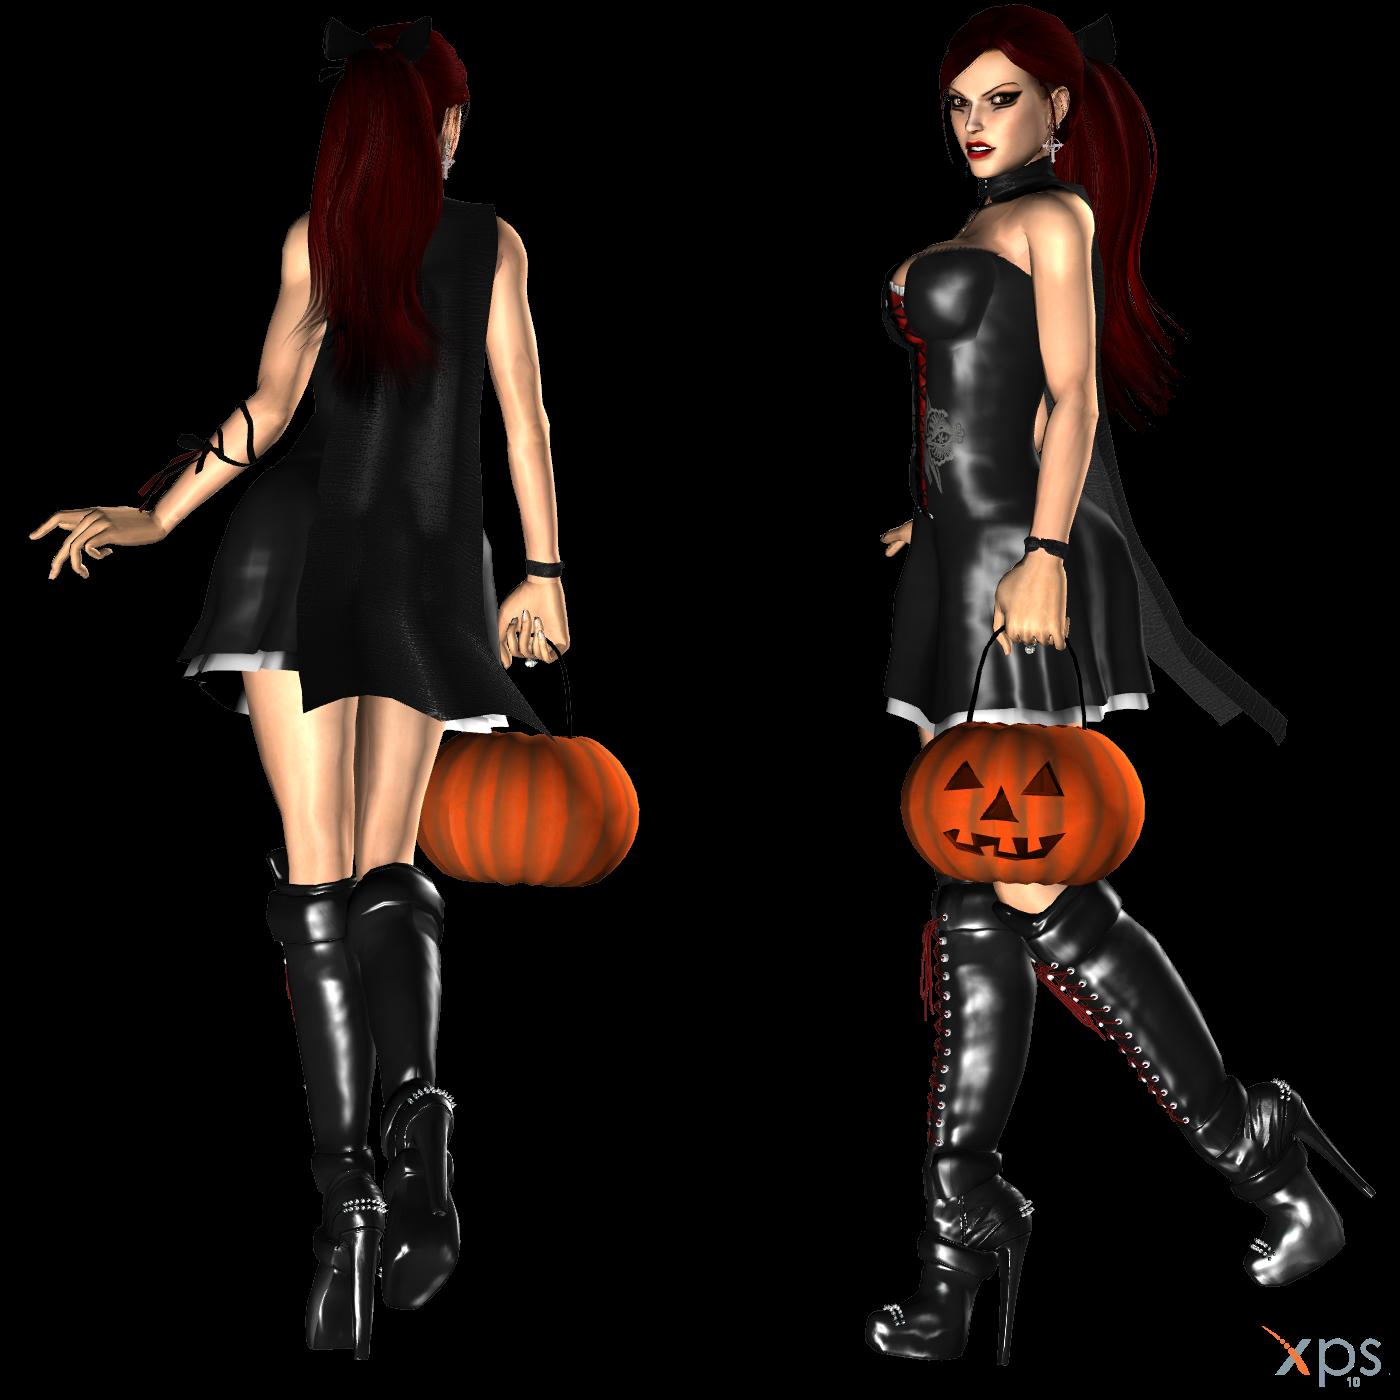 Lara Halloween Dress WIP 2 by ZayrCroft